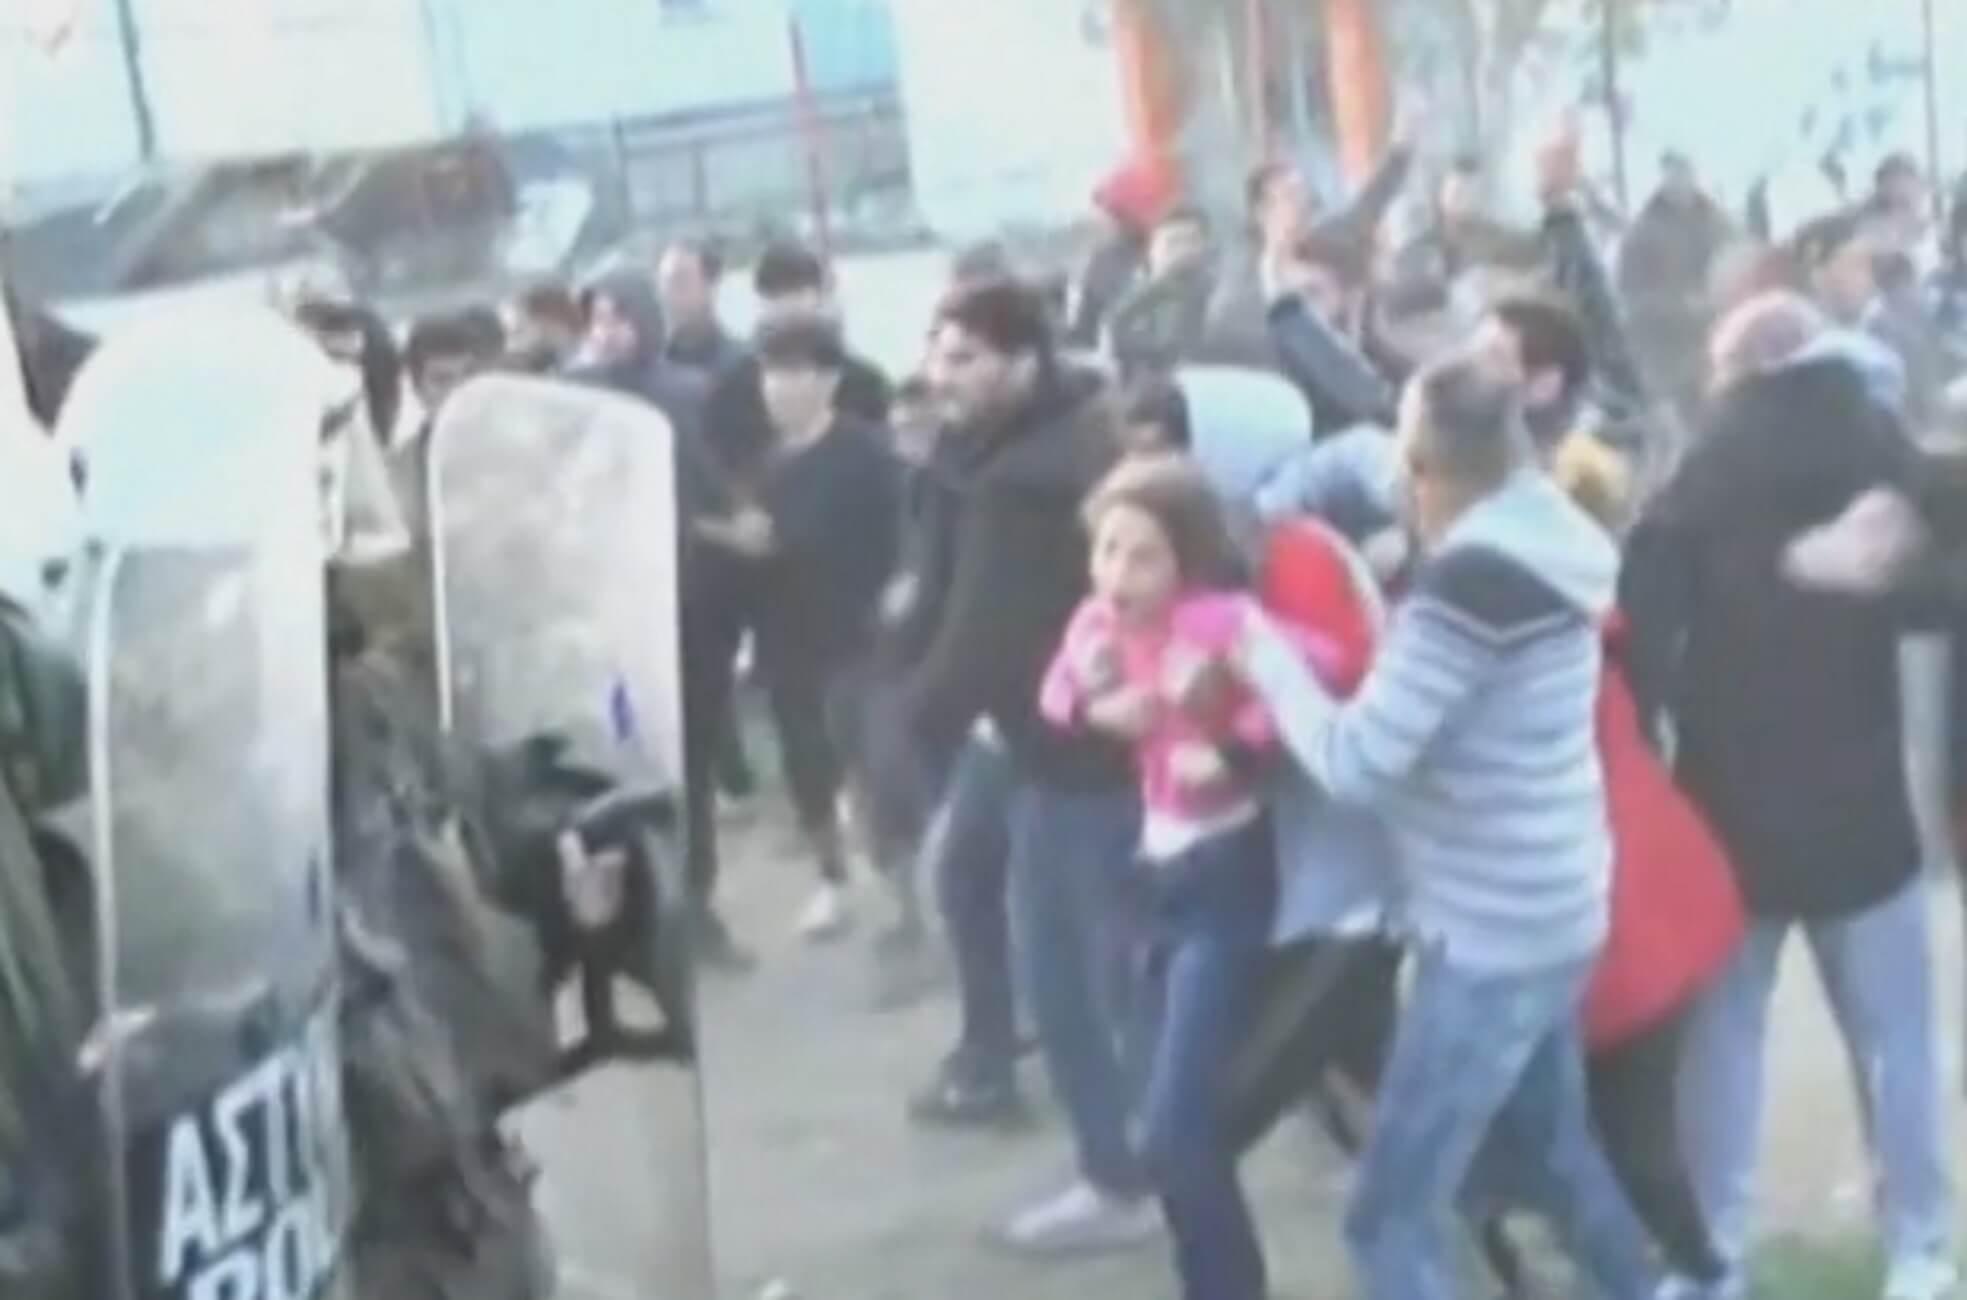 Διαβατά: Αδιανόητες εικόνες στα επεισόδια – Η στιγμή που πετάνε μικρό κοριτσάκι σε αστυνομικούς – video